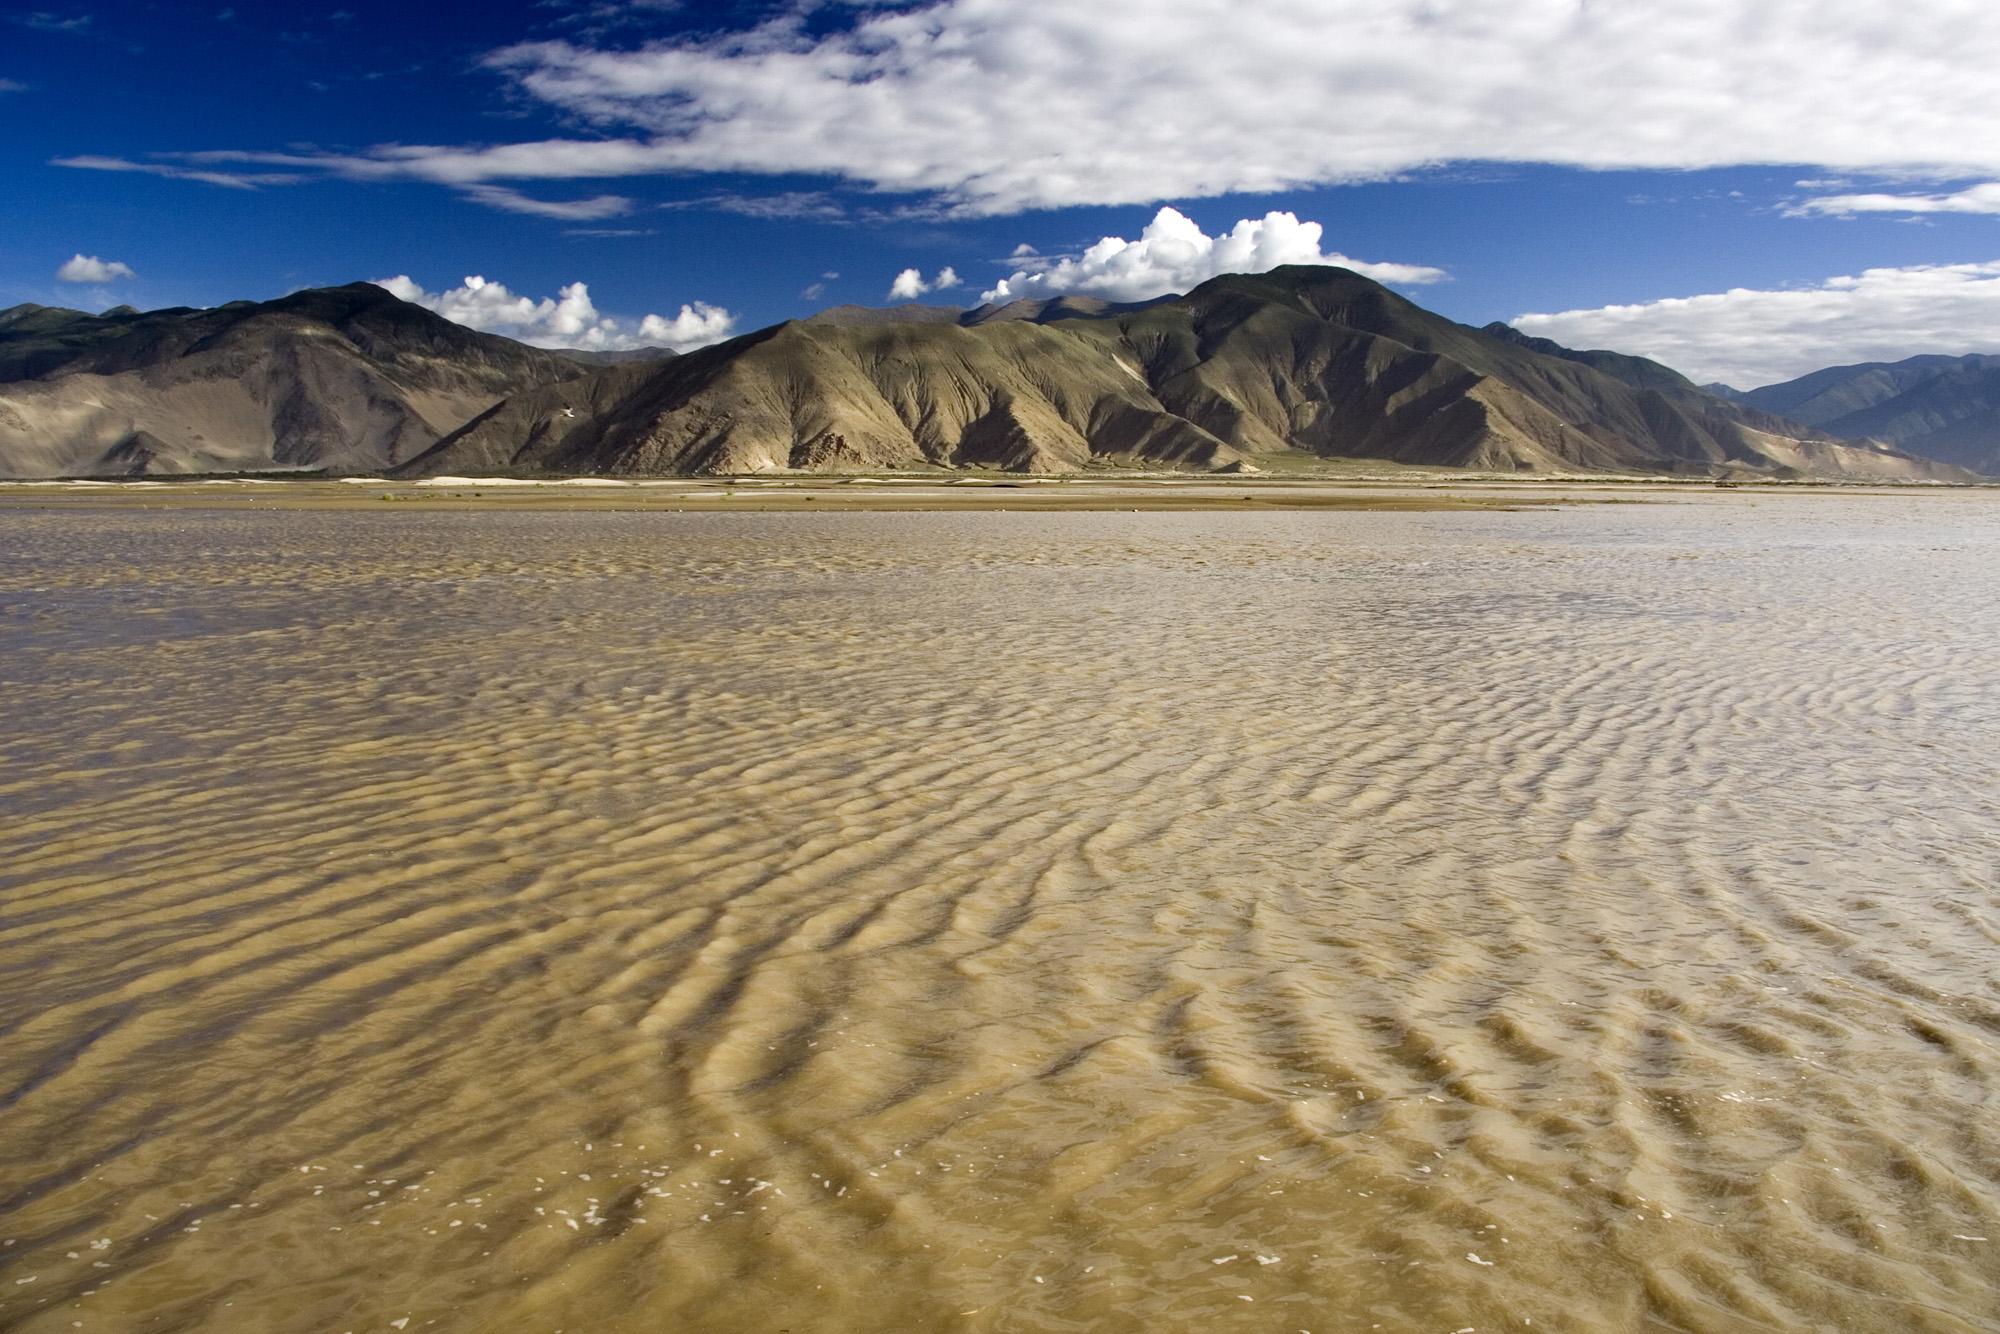 10 najzanimivejših znamenitosti v Tibetu, ki jih ne smete zamuditi